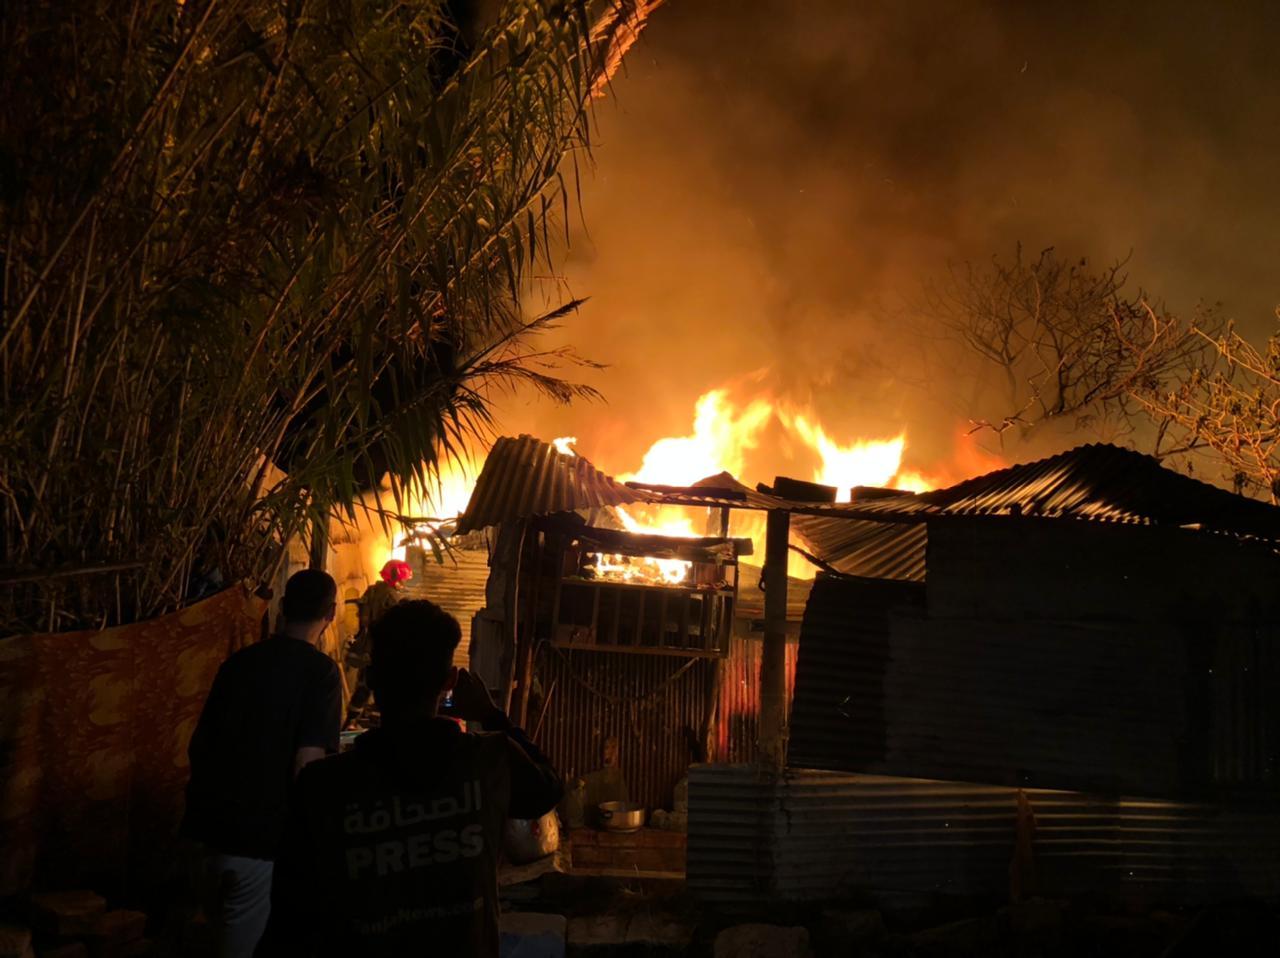 اندلاع حريق بحي صفيحي بطنجة.